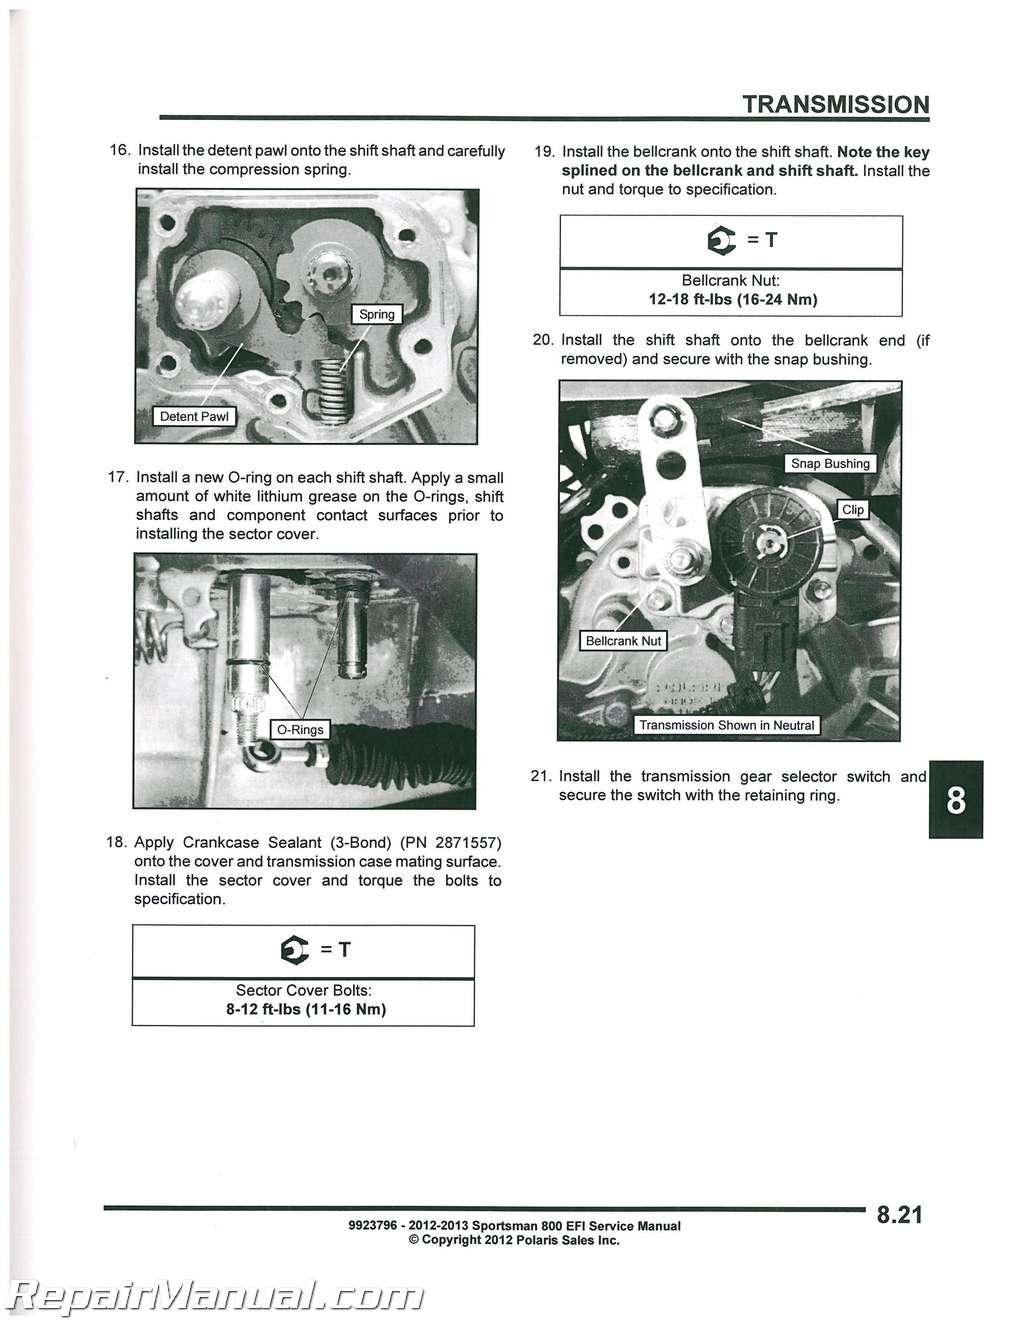 2009 polaris sportsman 800 efi service repair workshop manual.